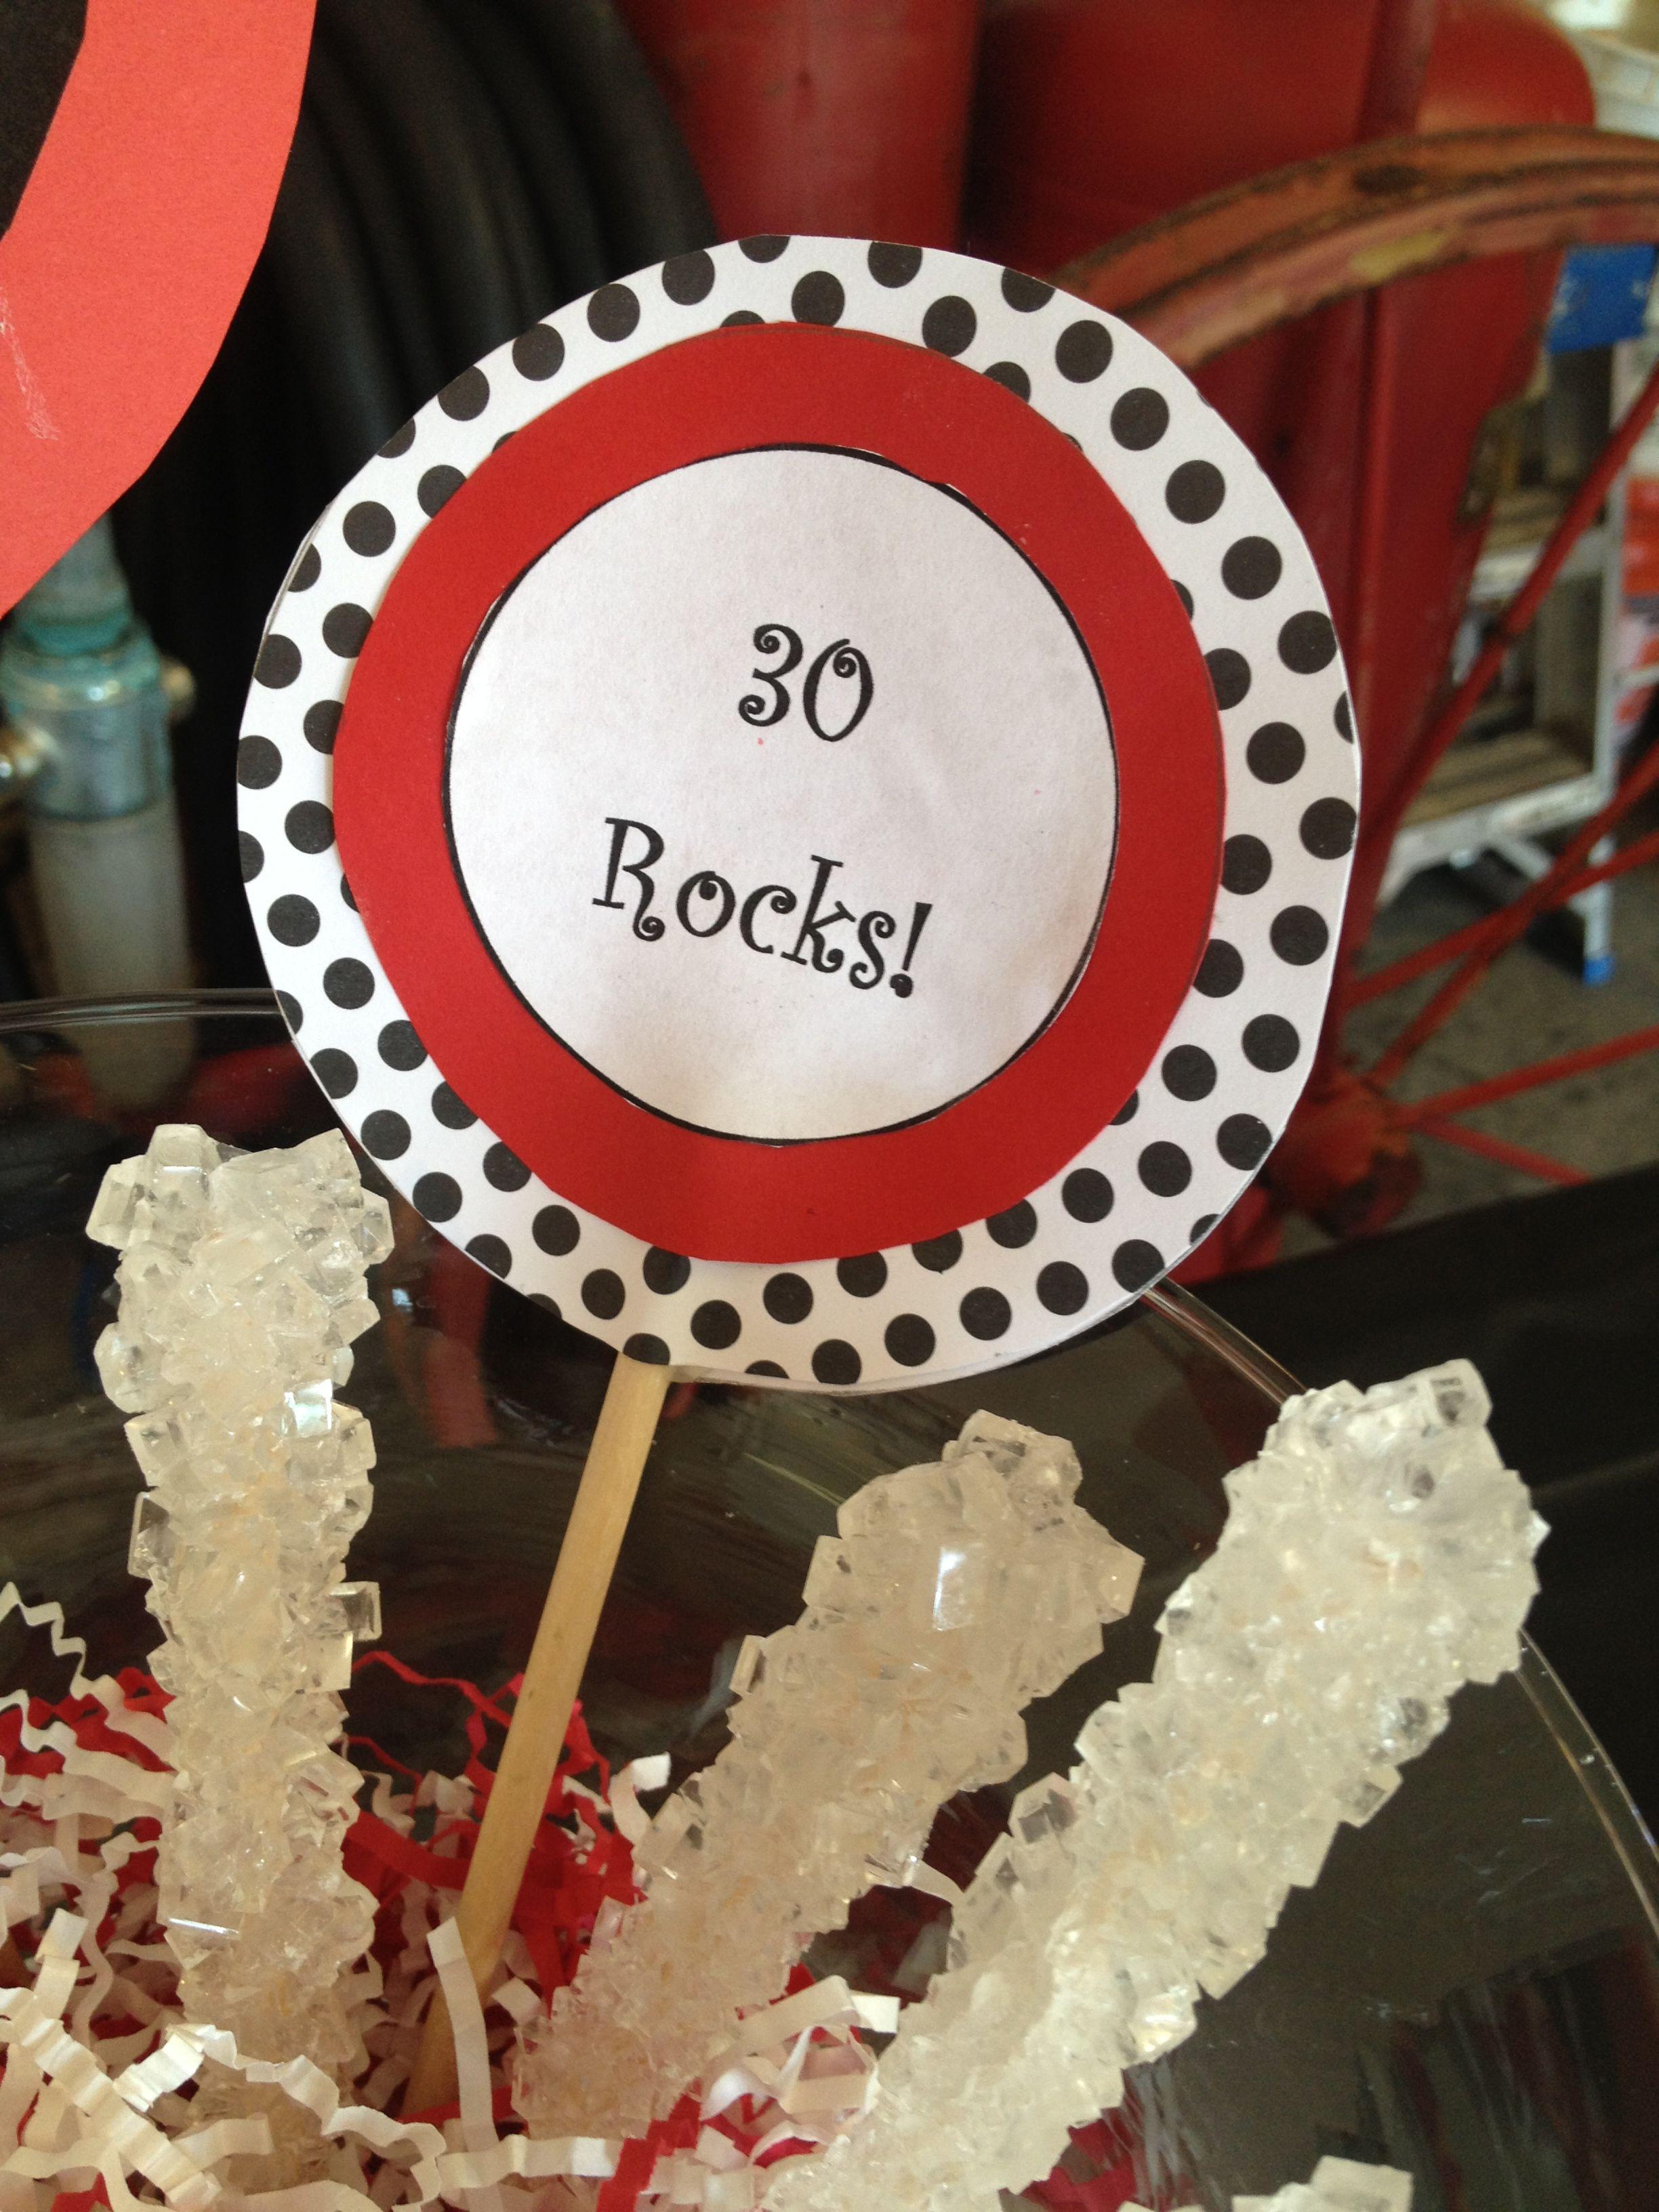 (Any Age Will Work) 30Th Birthday Party Idea 30 Rocks